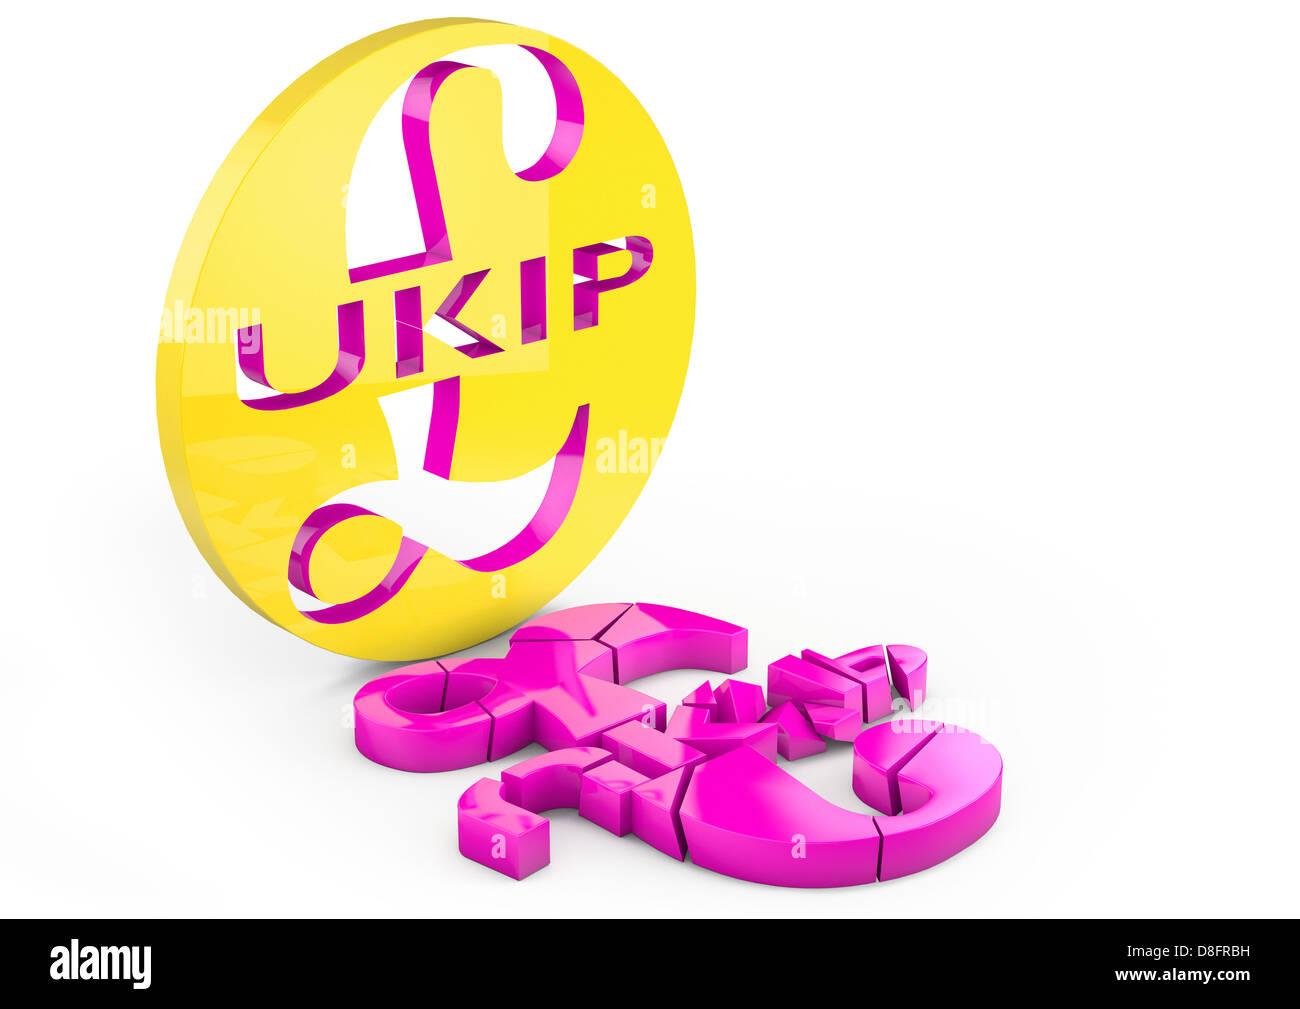 Crumbling / broken UKIP logo falling apart - Stock Image